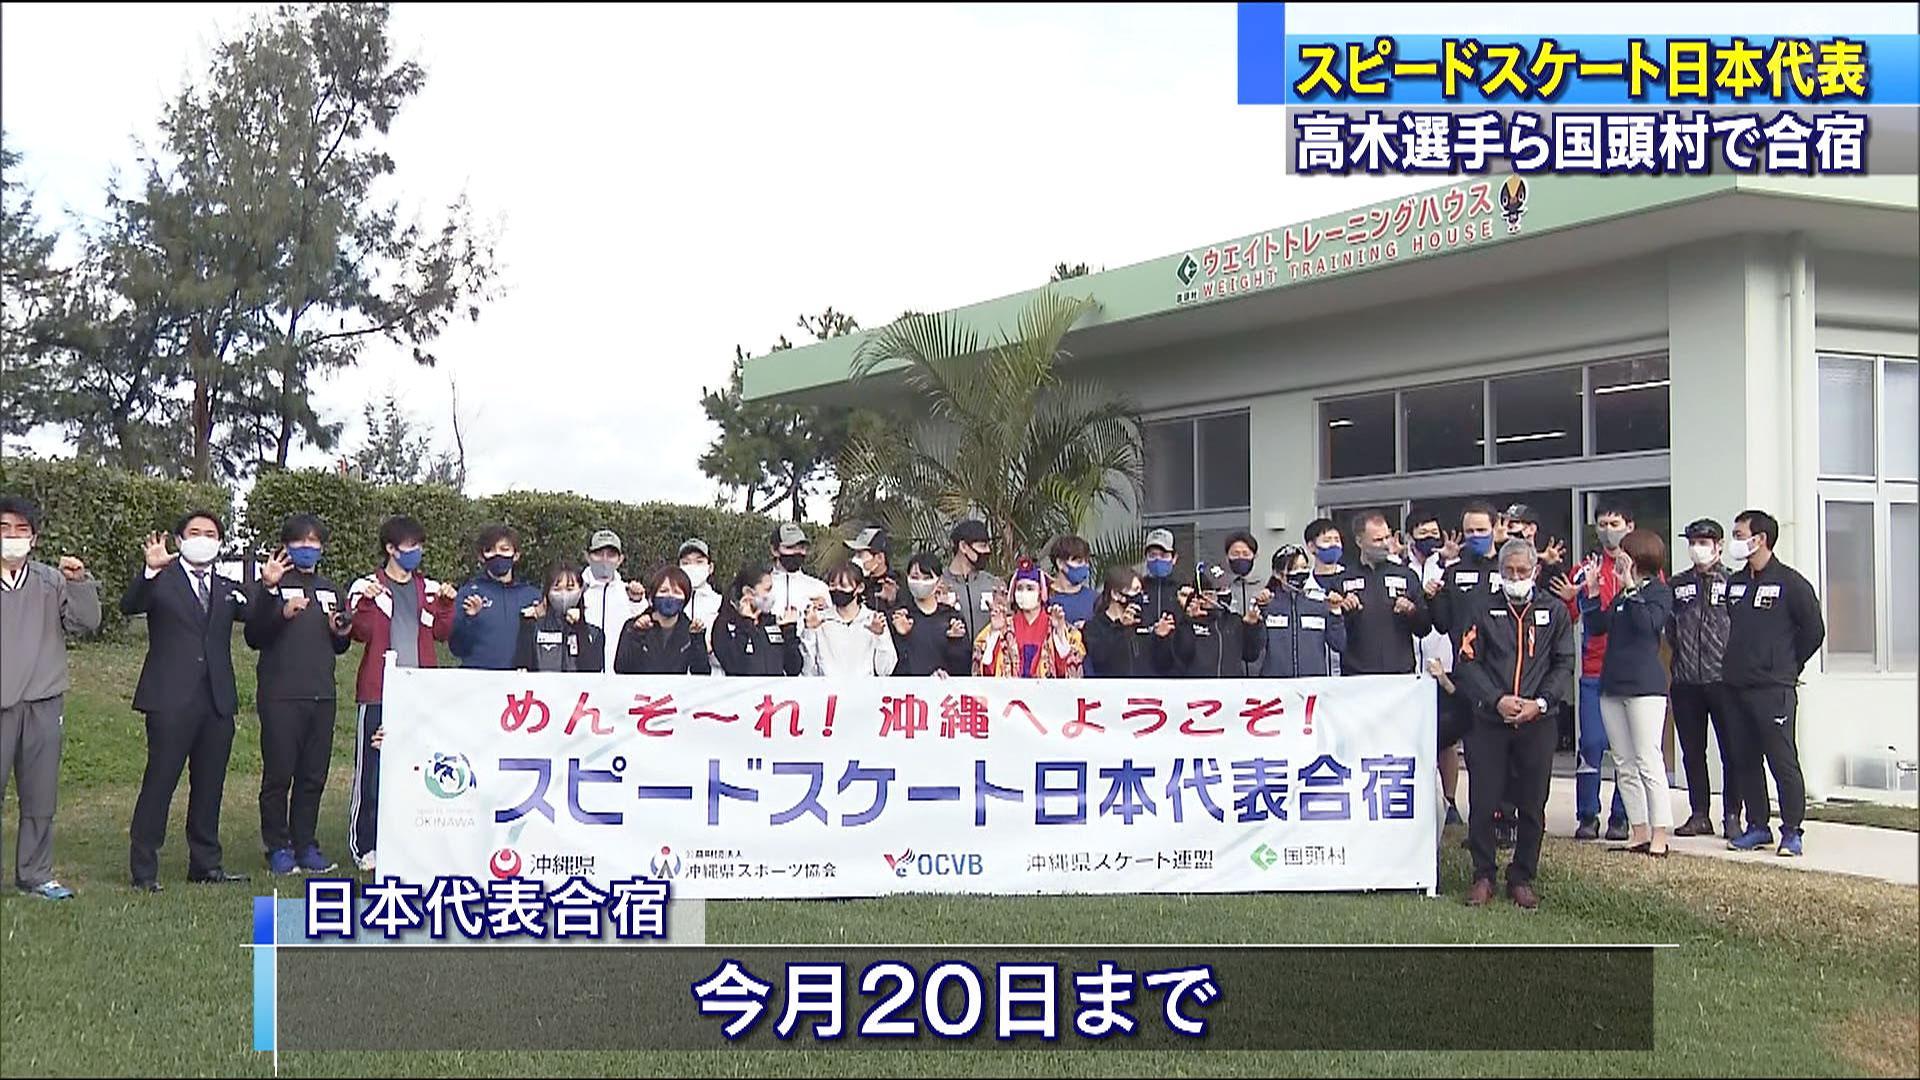 スピードスケート日本代表が国頭村で合宿入り